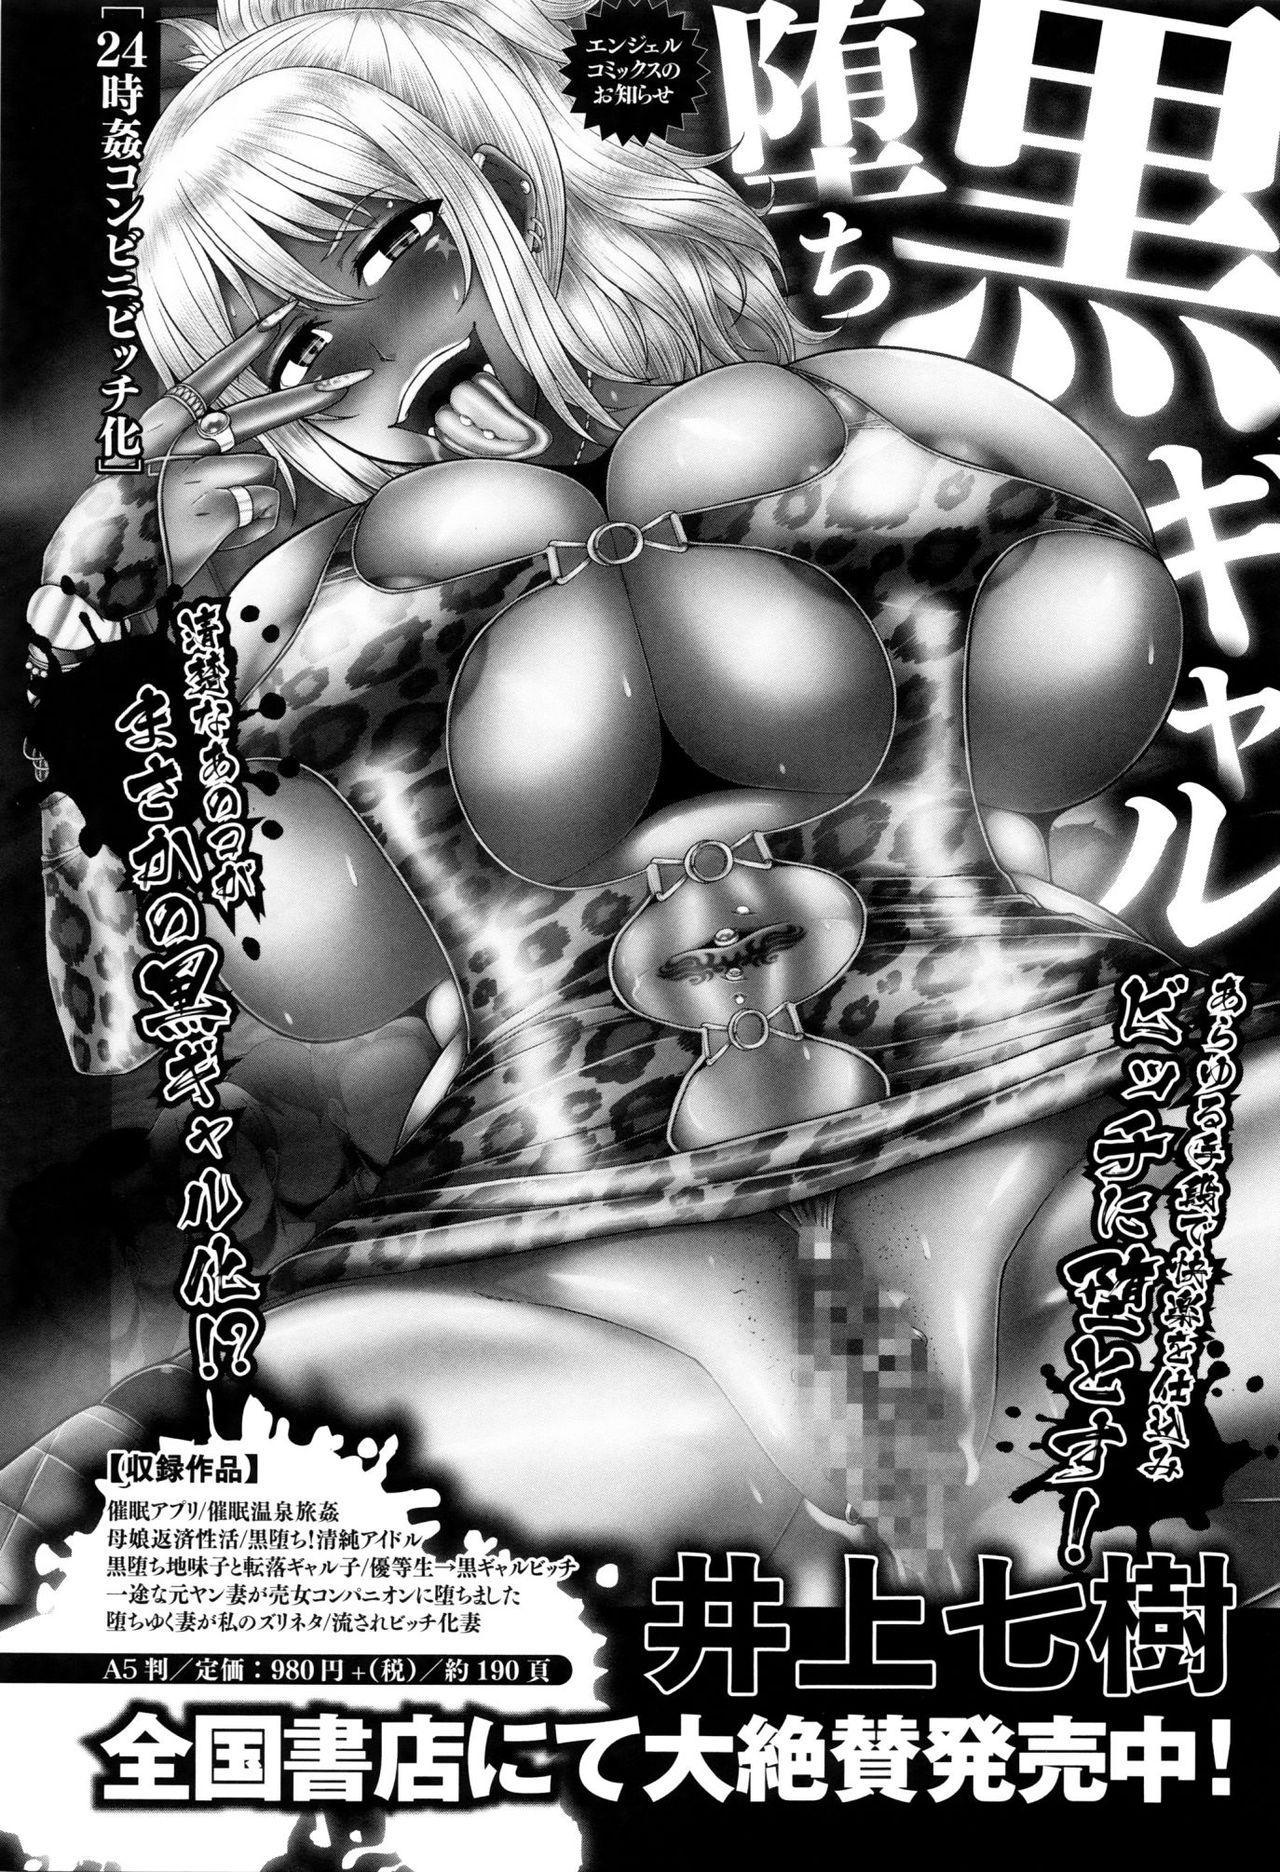 Zenana Biyaku Choukyou Nikubenki Collection 208